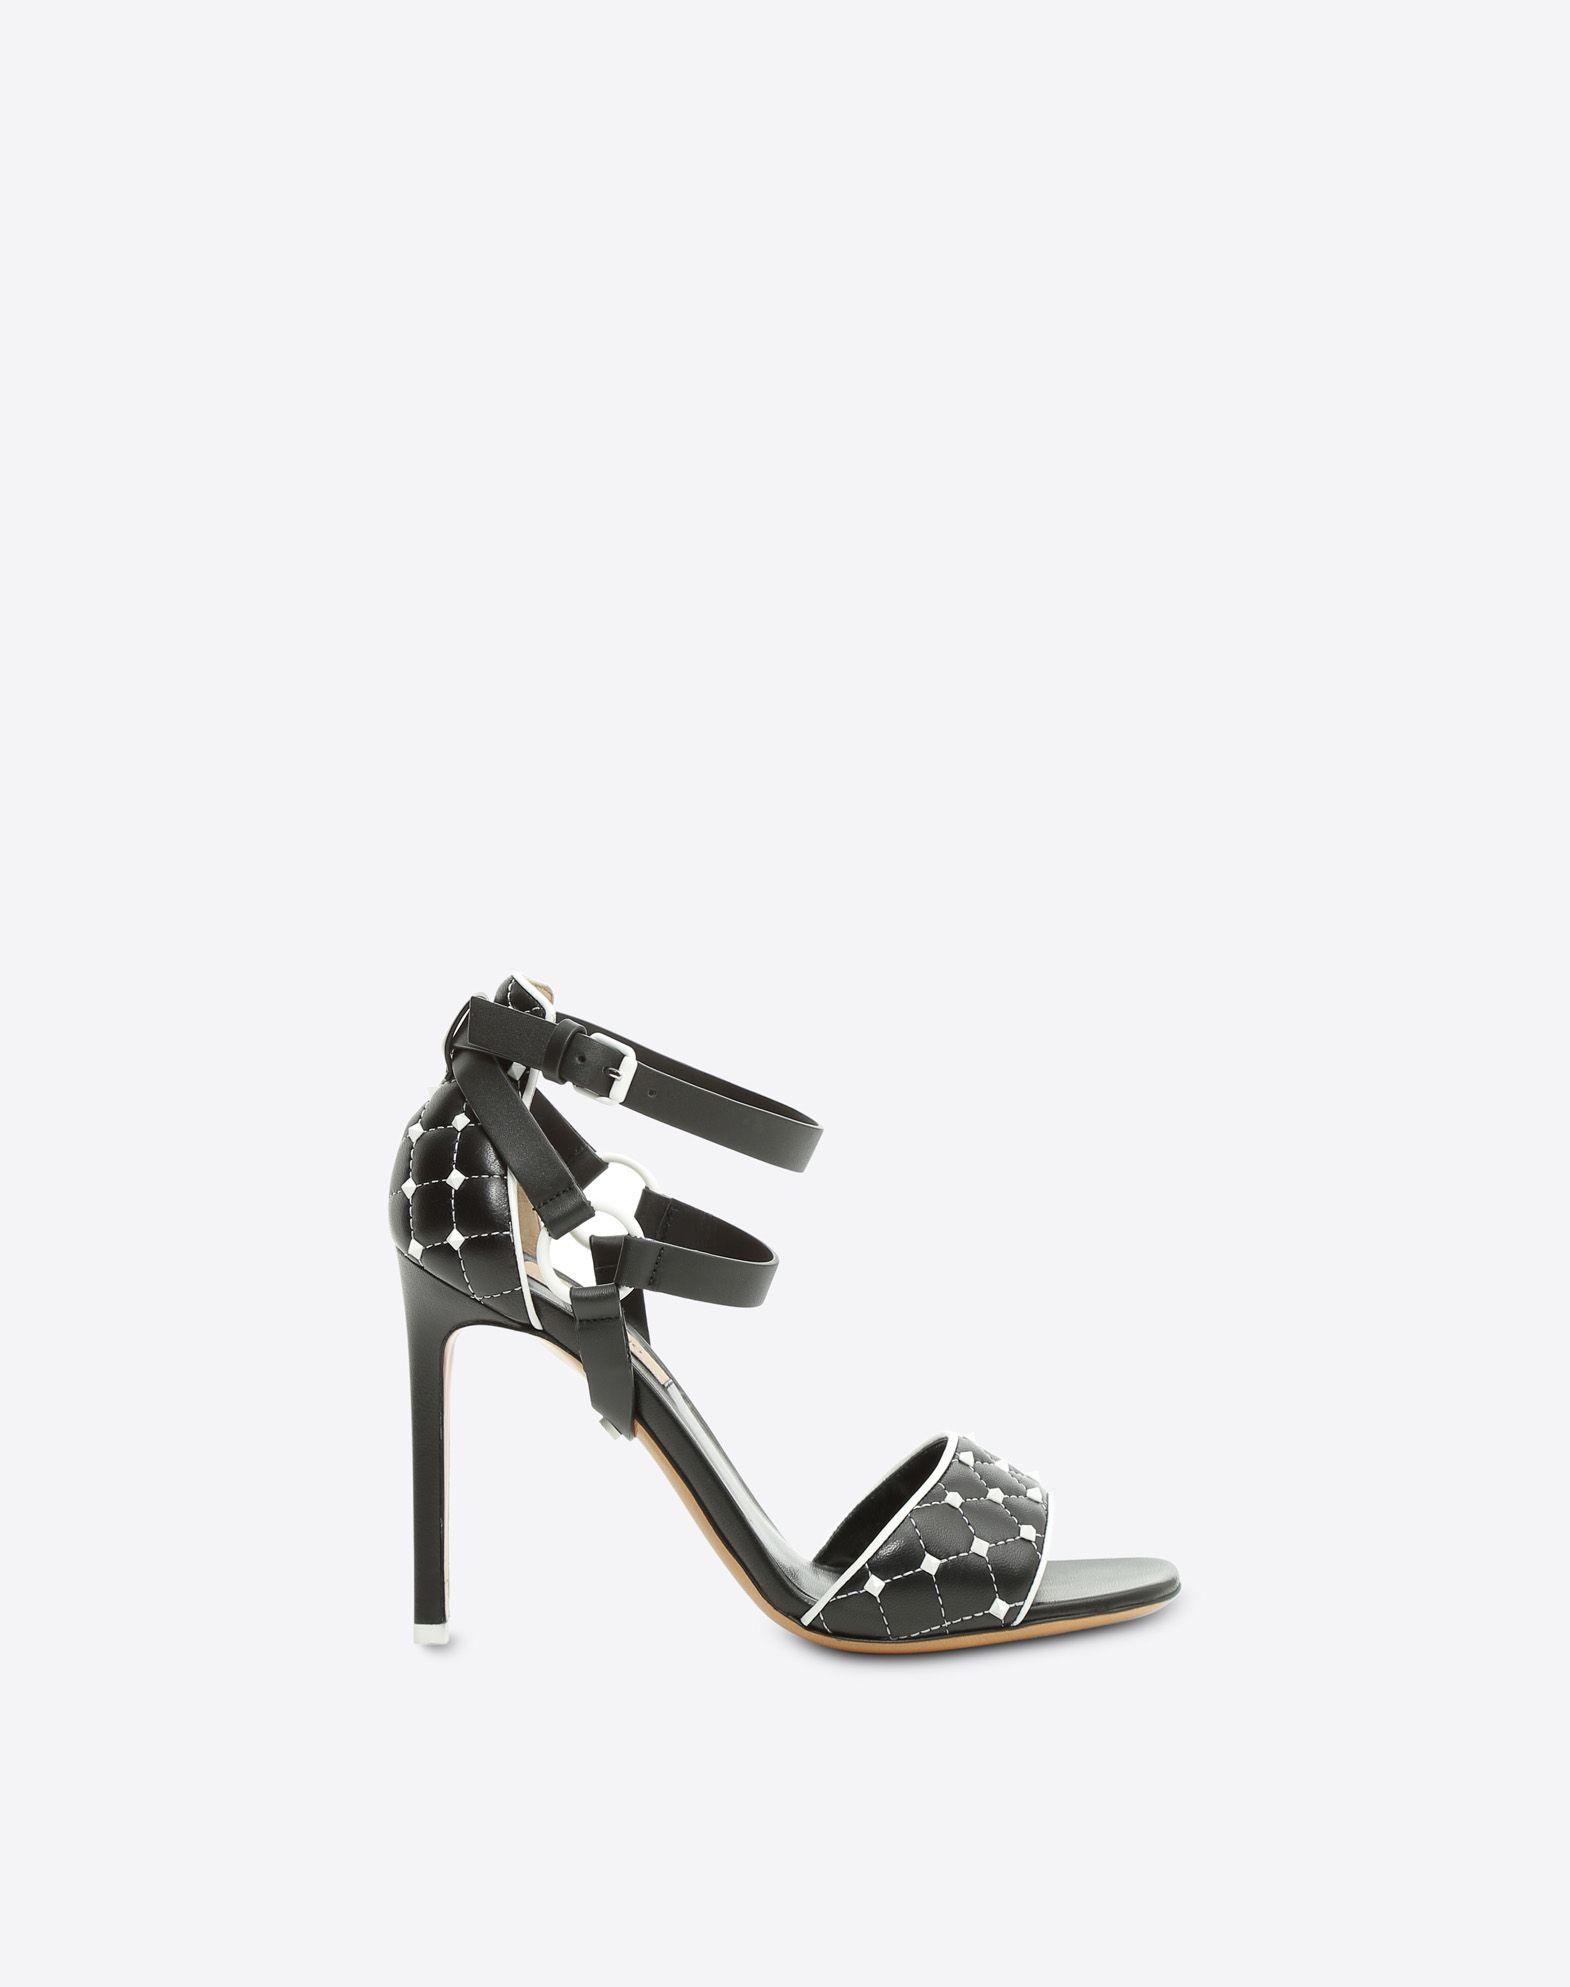 VALENTINO 铆钉 方型鞋头 真皮衬里 真皮鞋底  脚踝处系带 细高跟  45380247sm